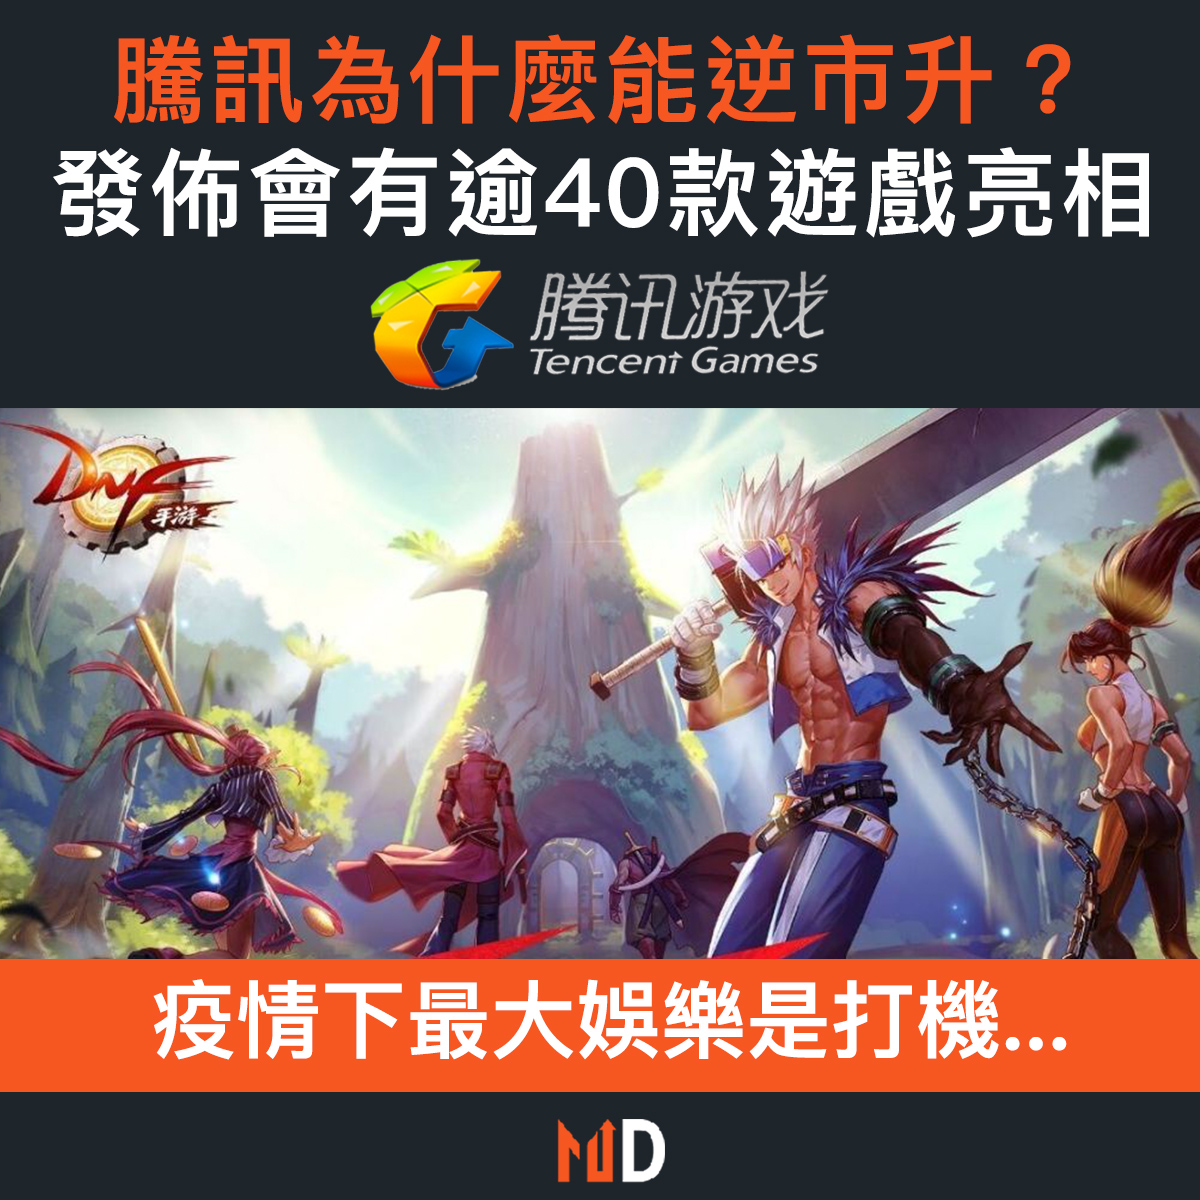 【市場熱話】騰訊為什麼能逆市升?發佈會有逾40款遊戲亮相